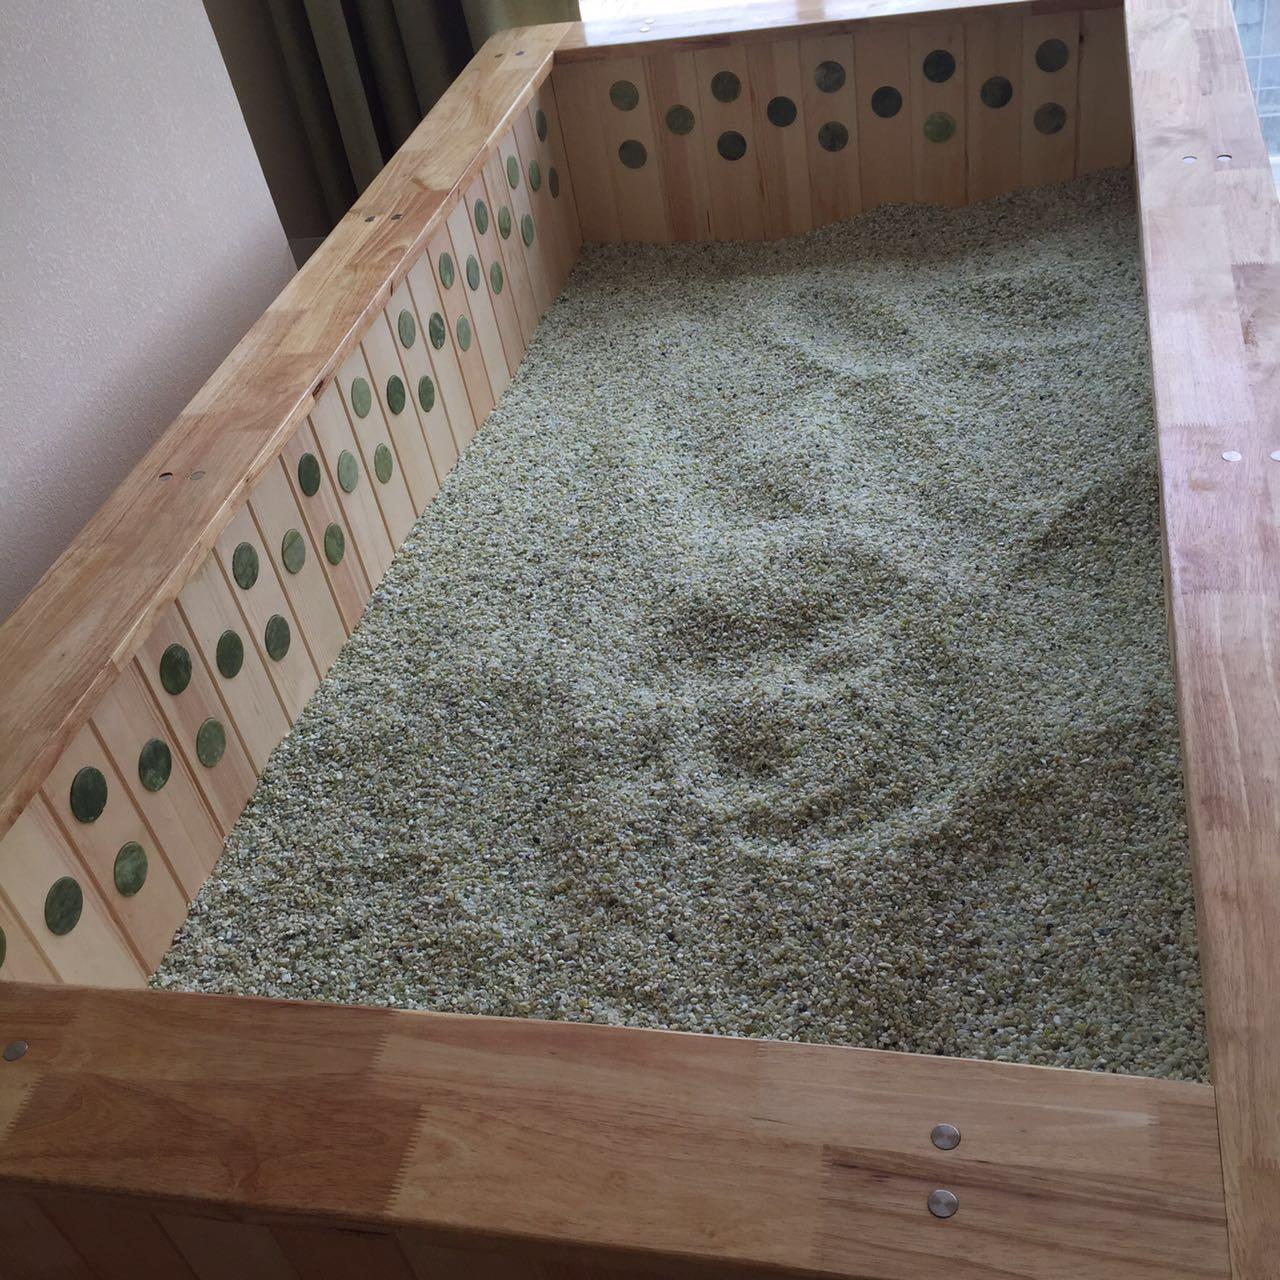 常州沙疗床厂家直供 玉石床 热疗盐疗床 治疗风湿类风湿 养生理疗床